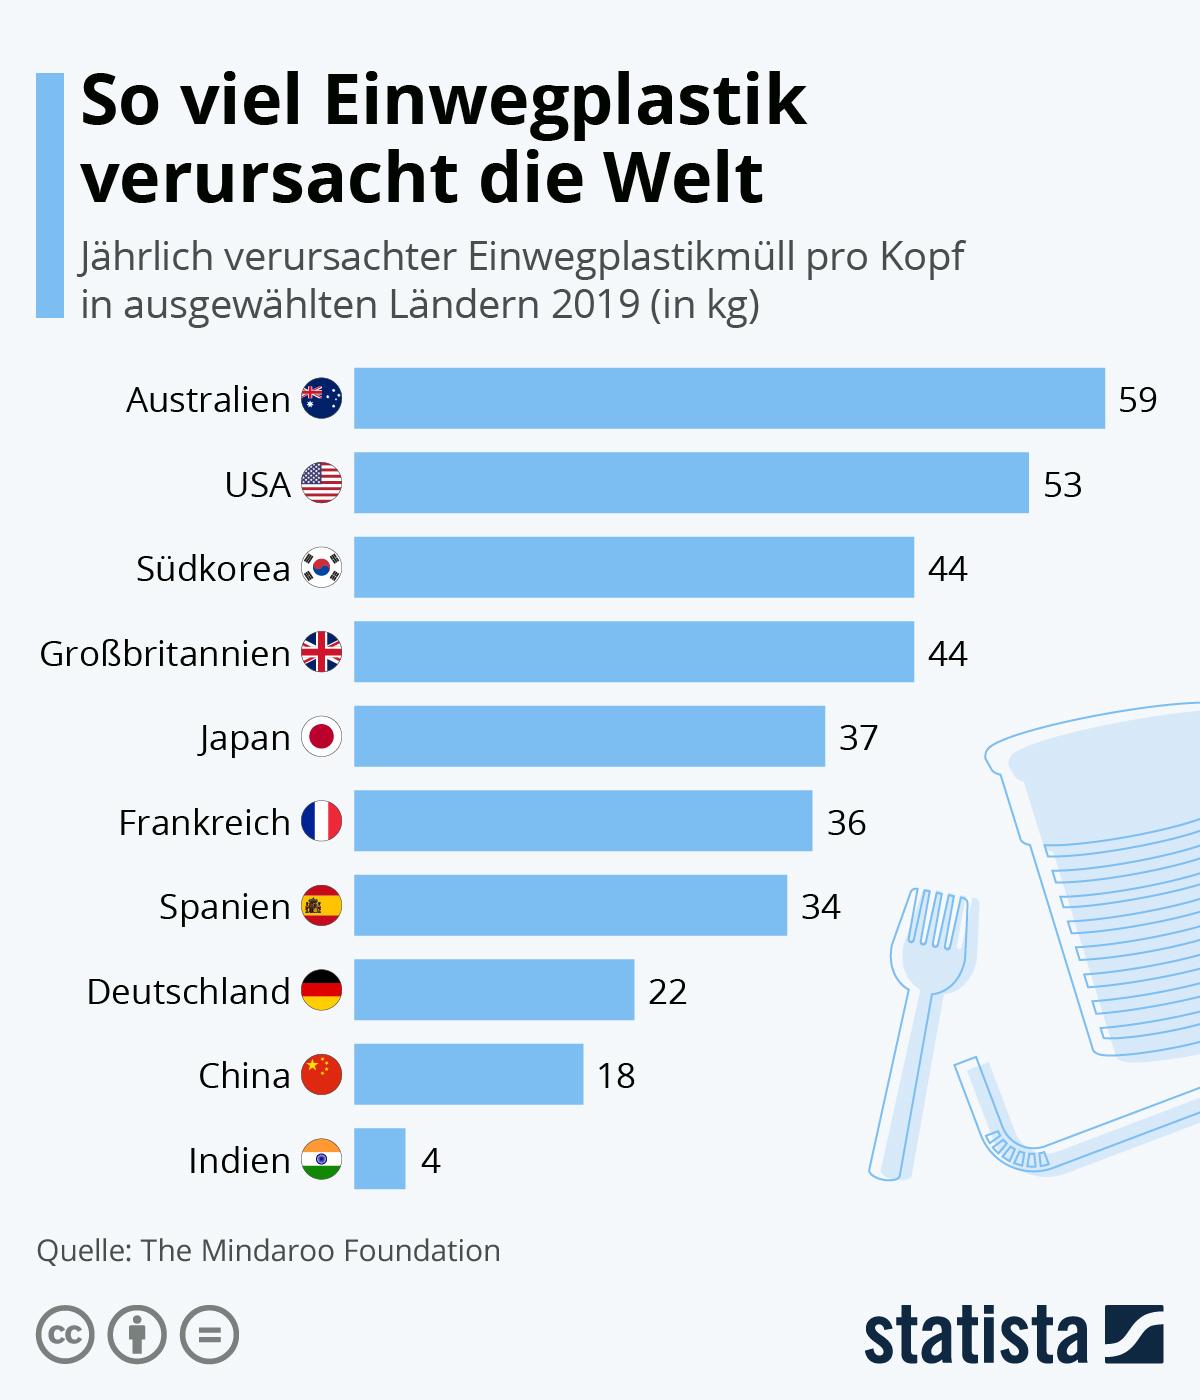 Infografik: So viel Einwegplastik verursacht die Welt | Statista